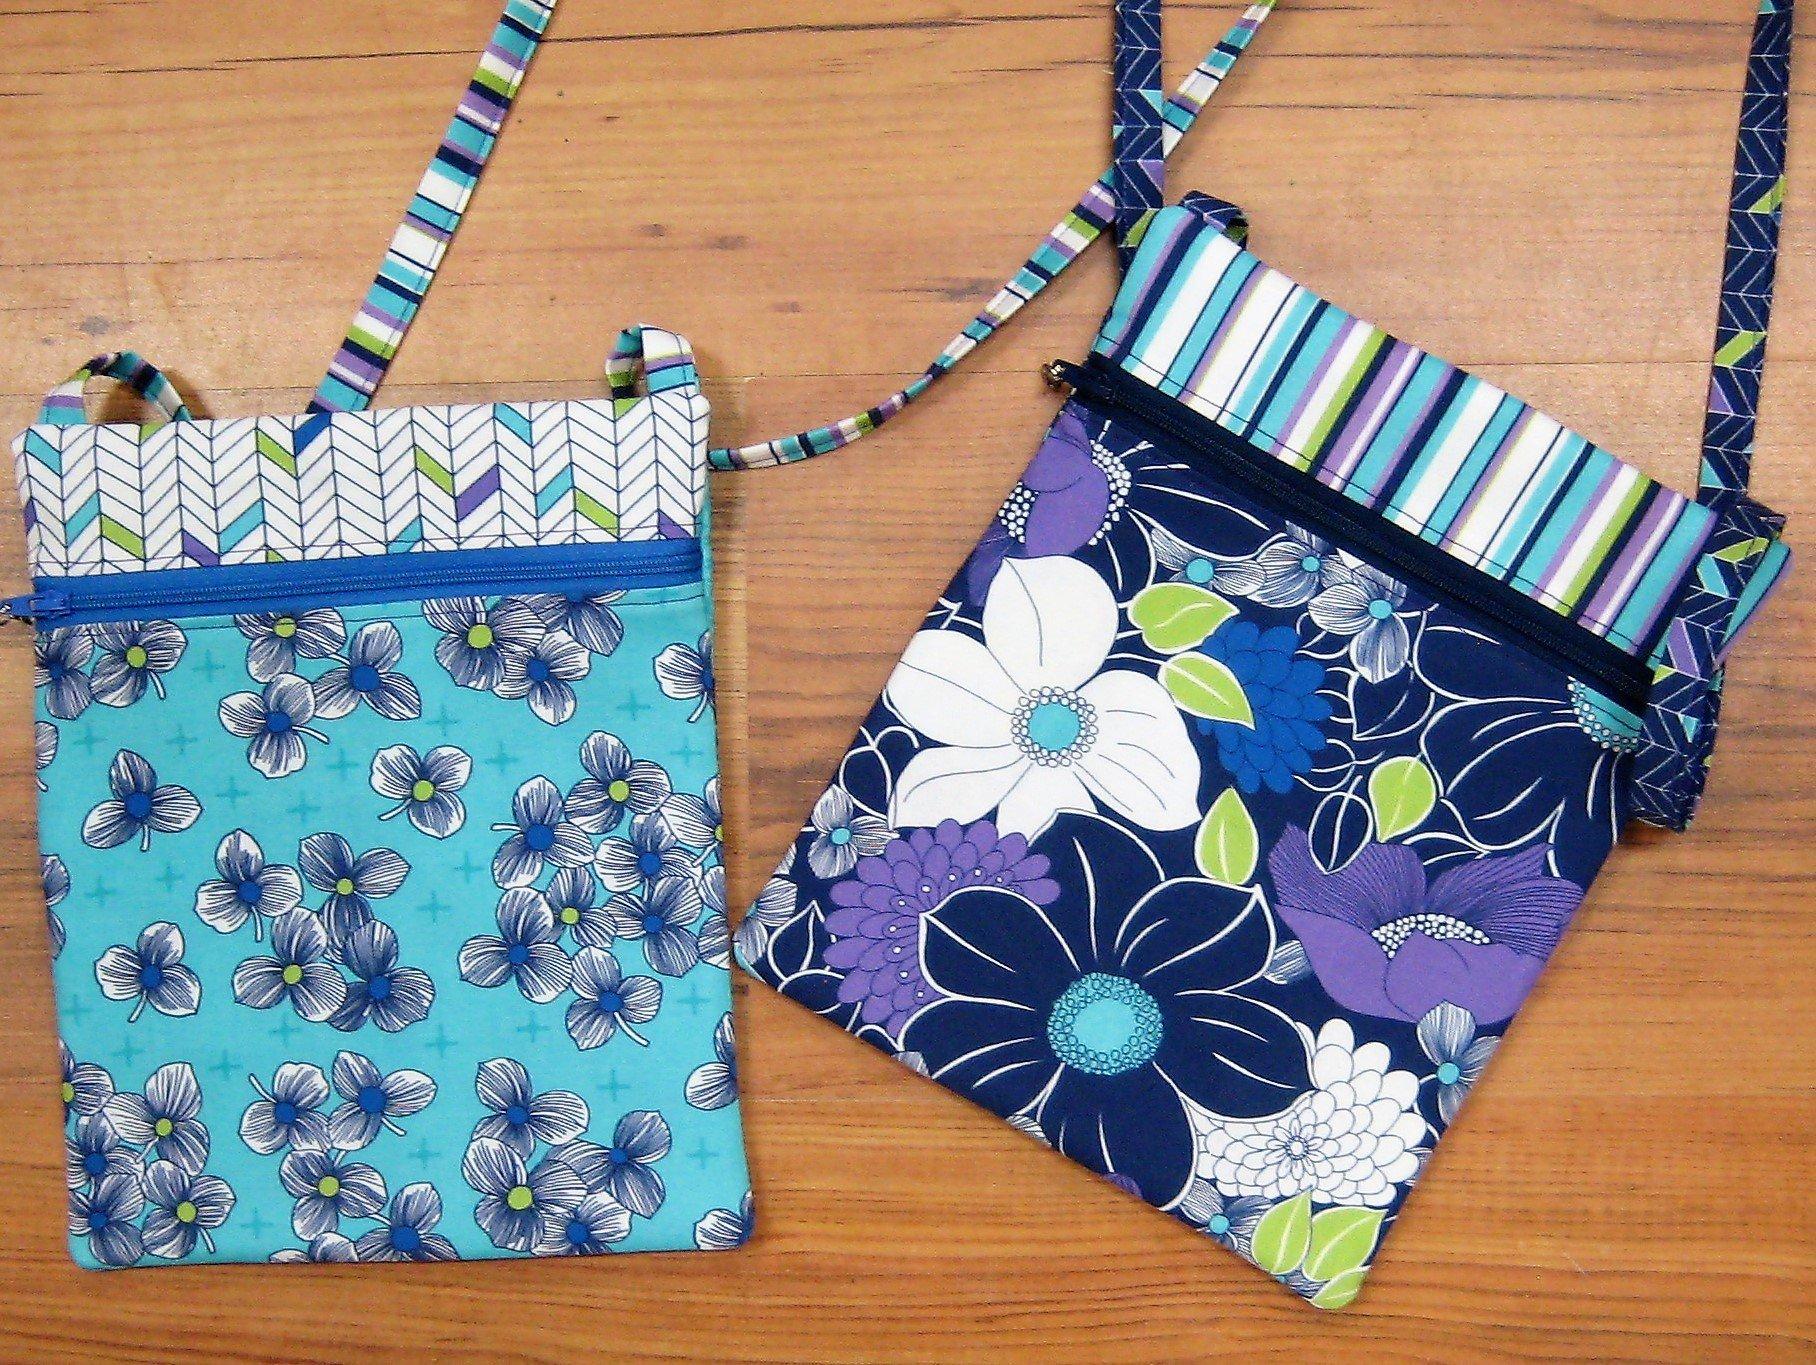 Lexi Runaraound Bags Kit